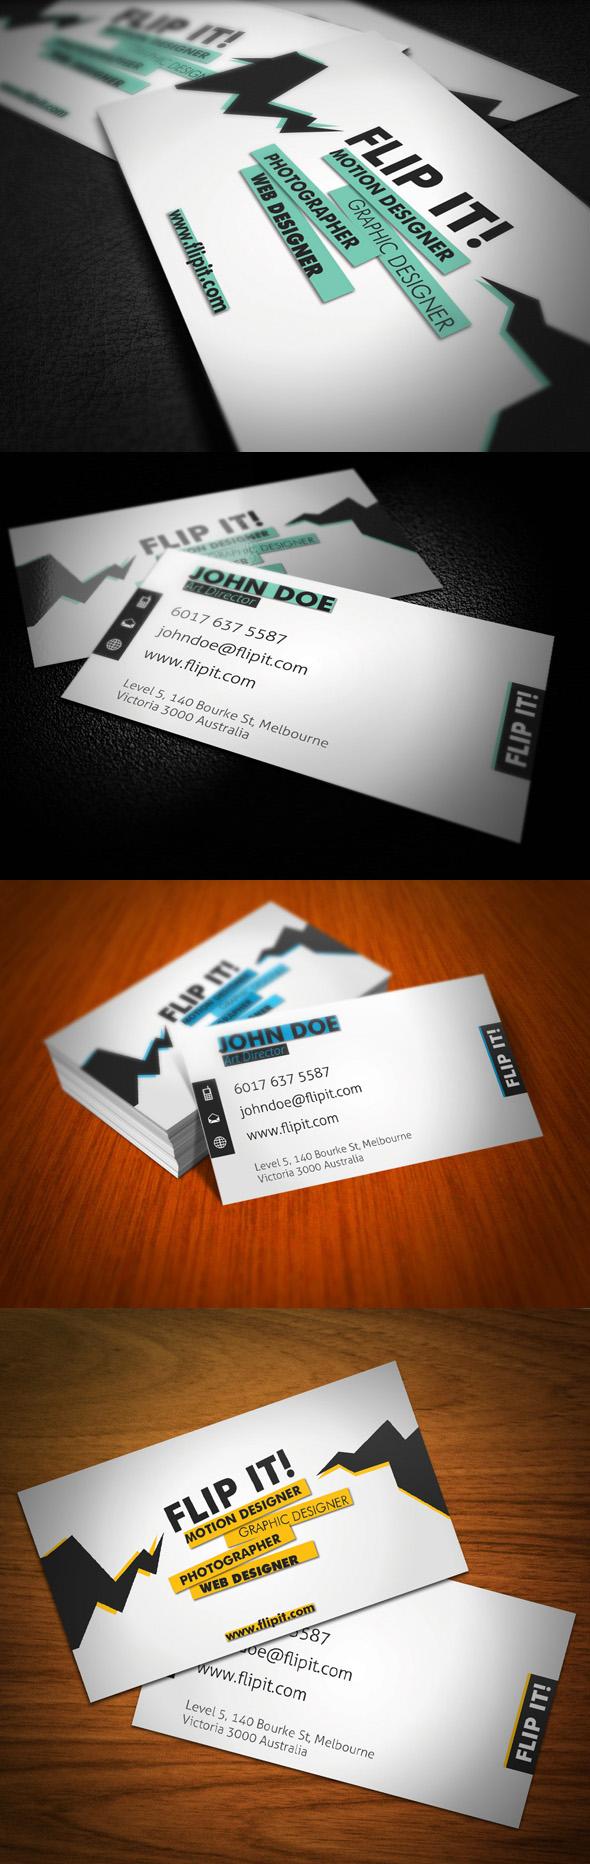 FLIPT IT Business Card